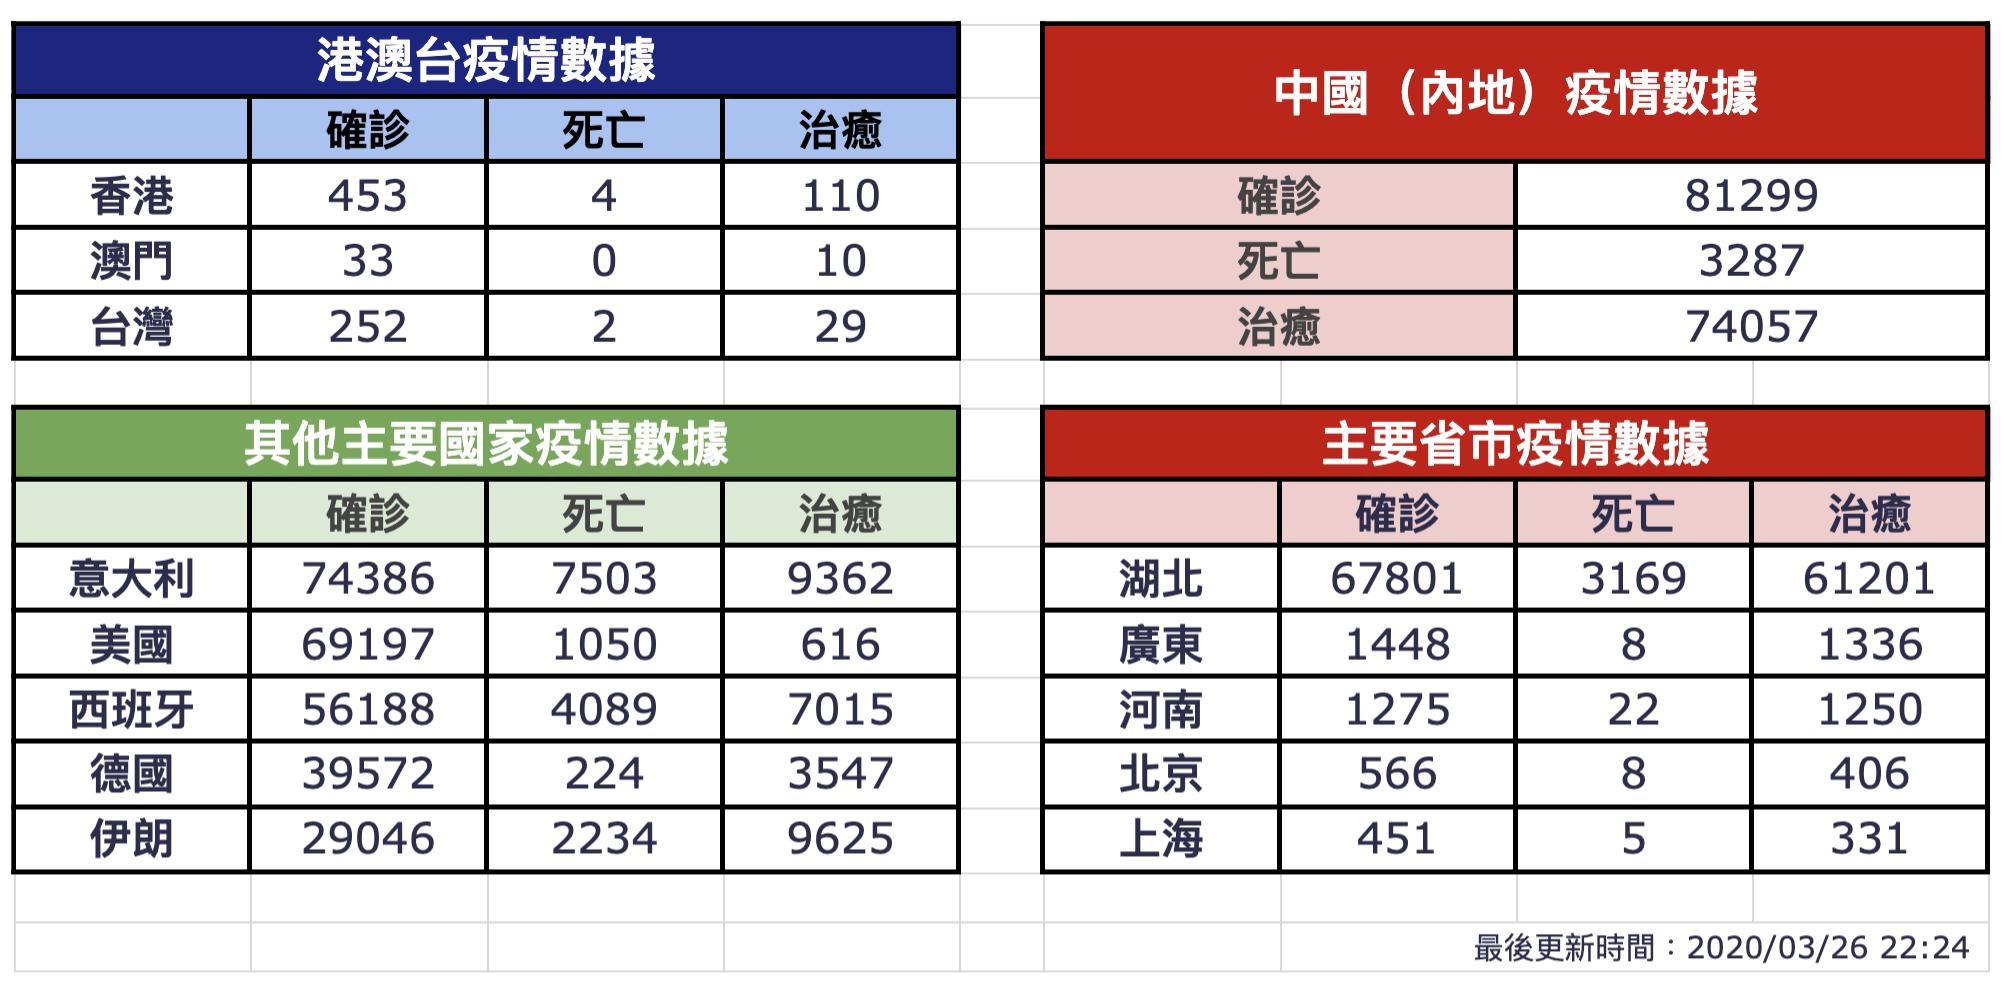 【3月26日疫情速報】(23:40)